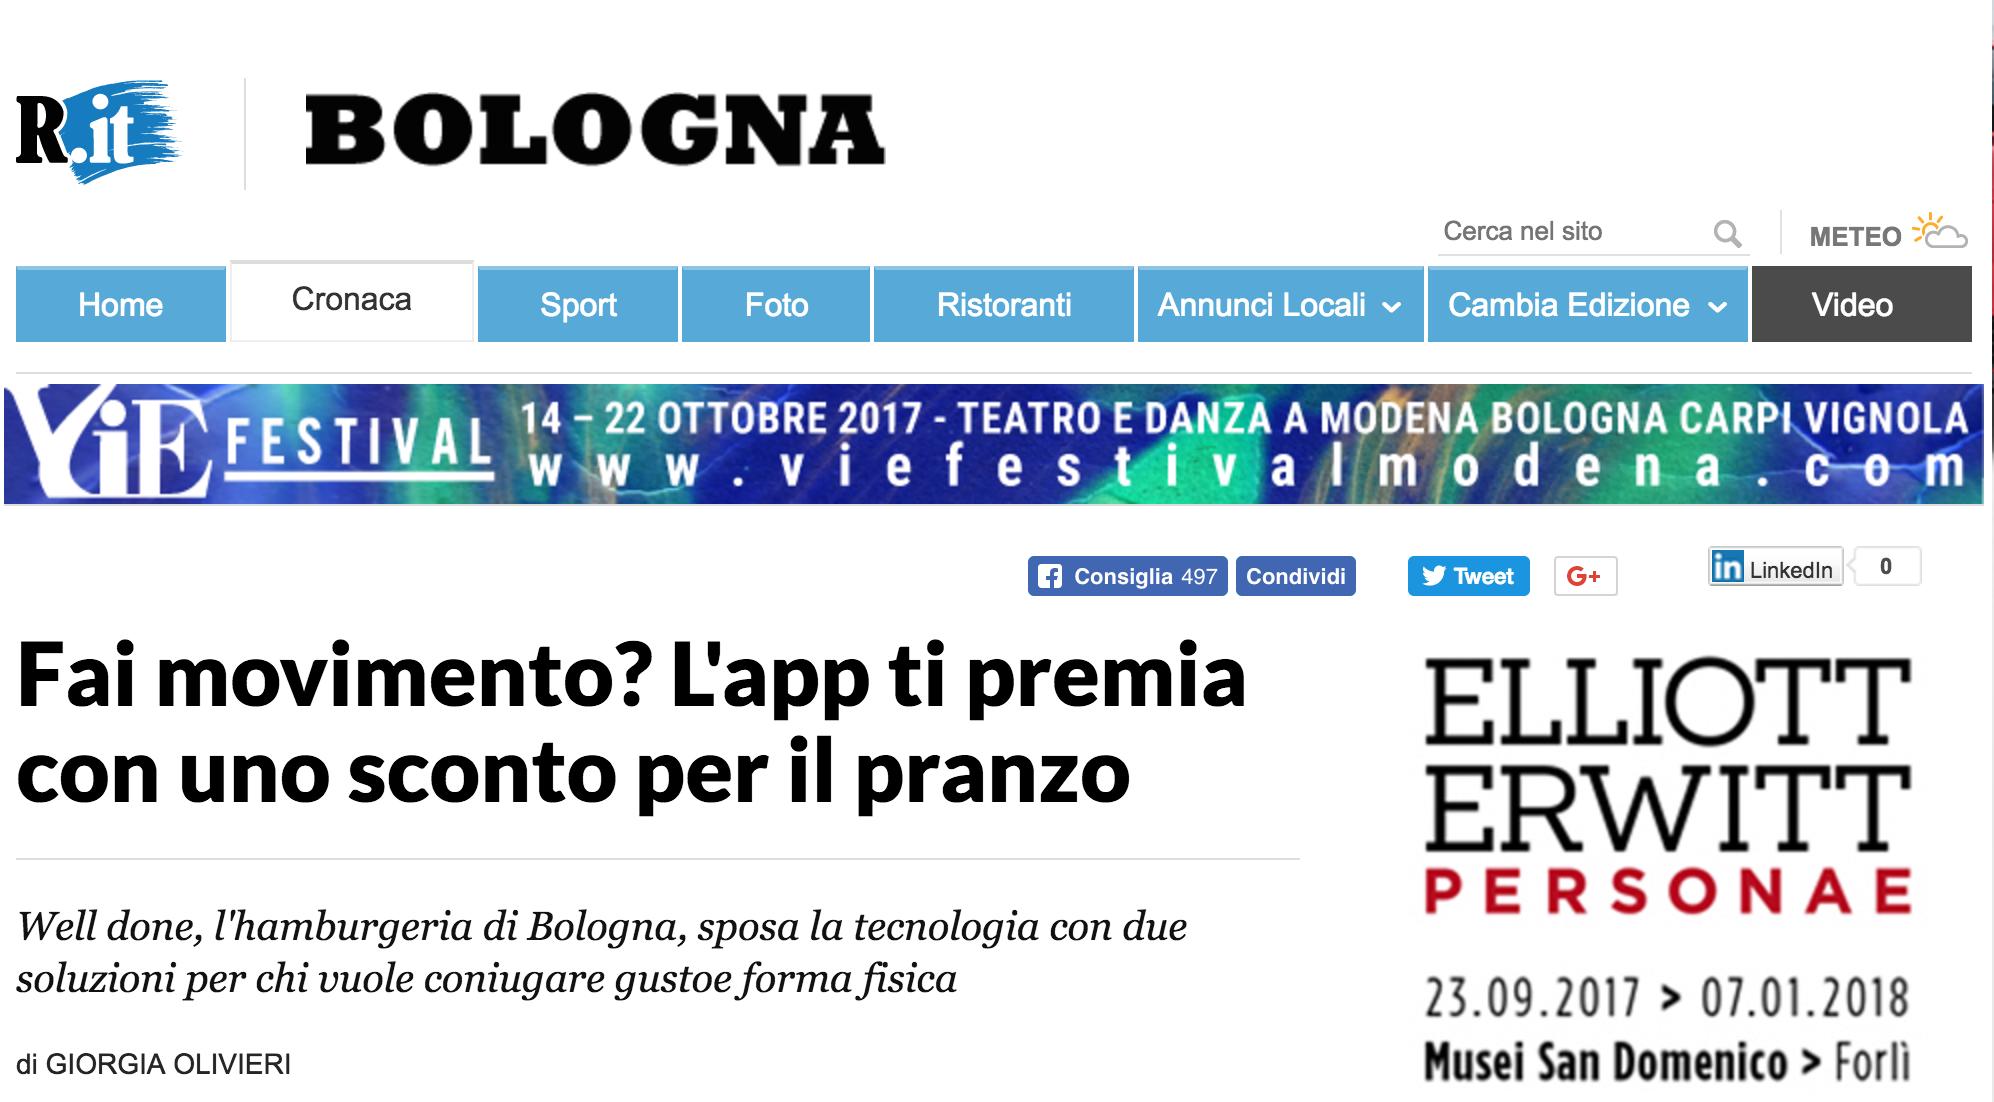 fai movimento? l'app di premia con uno sconto per il pranzo - La Repubblica, November 2015